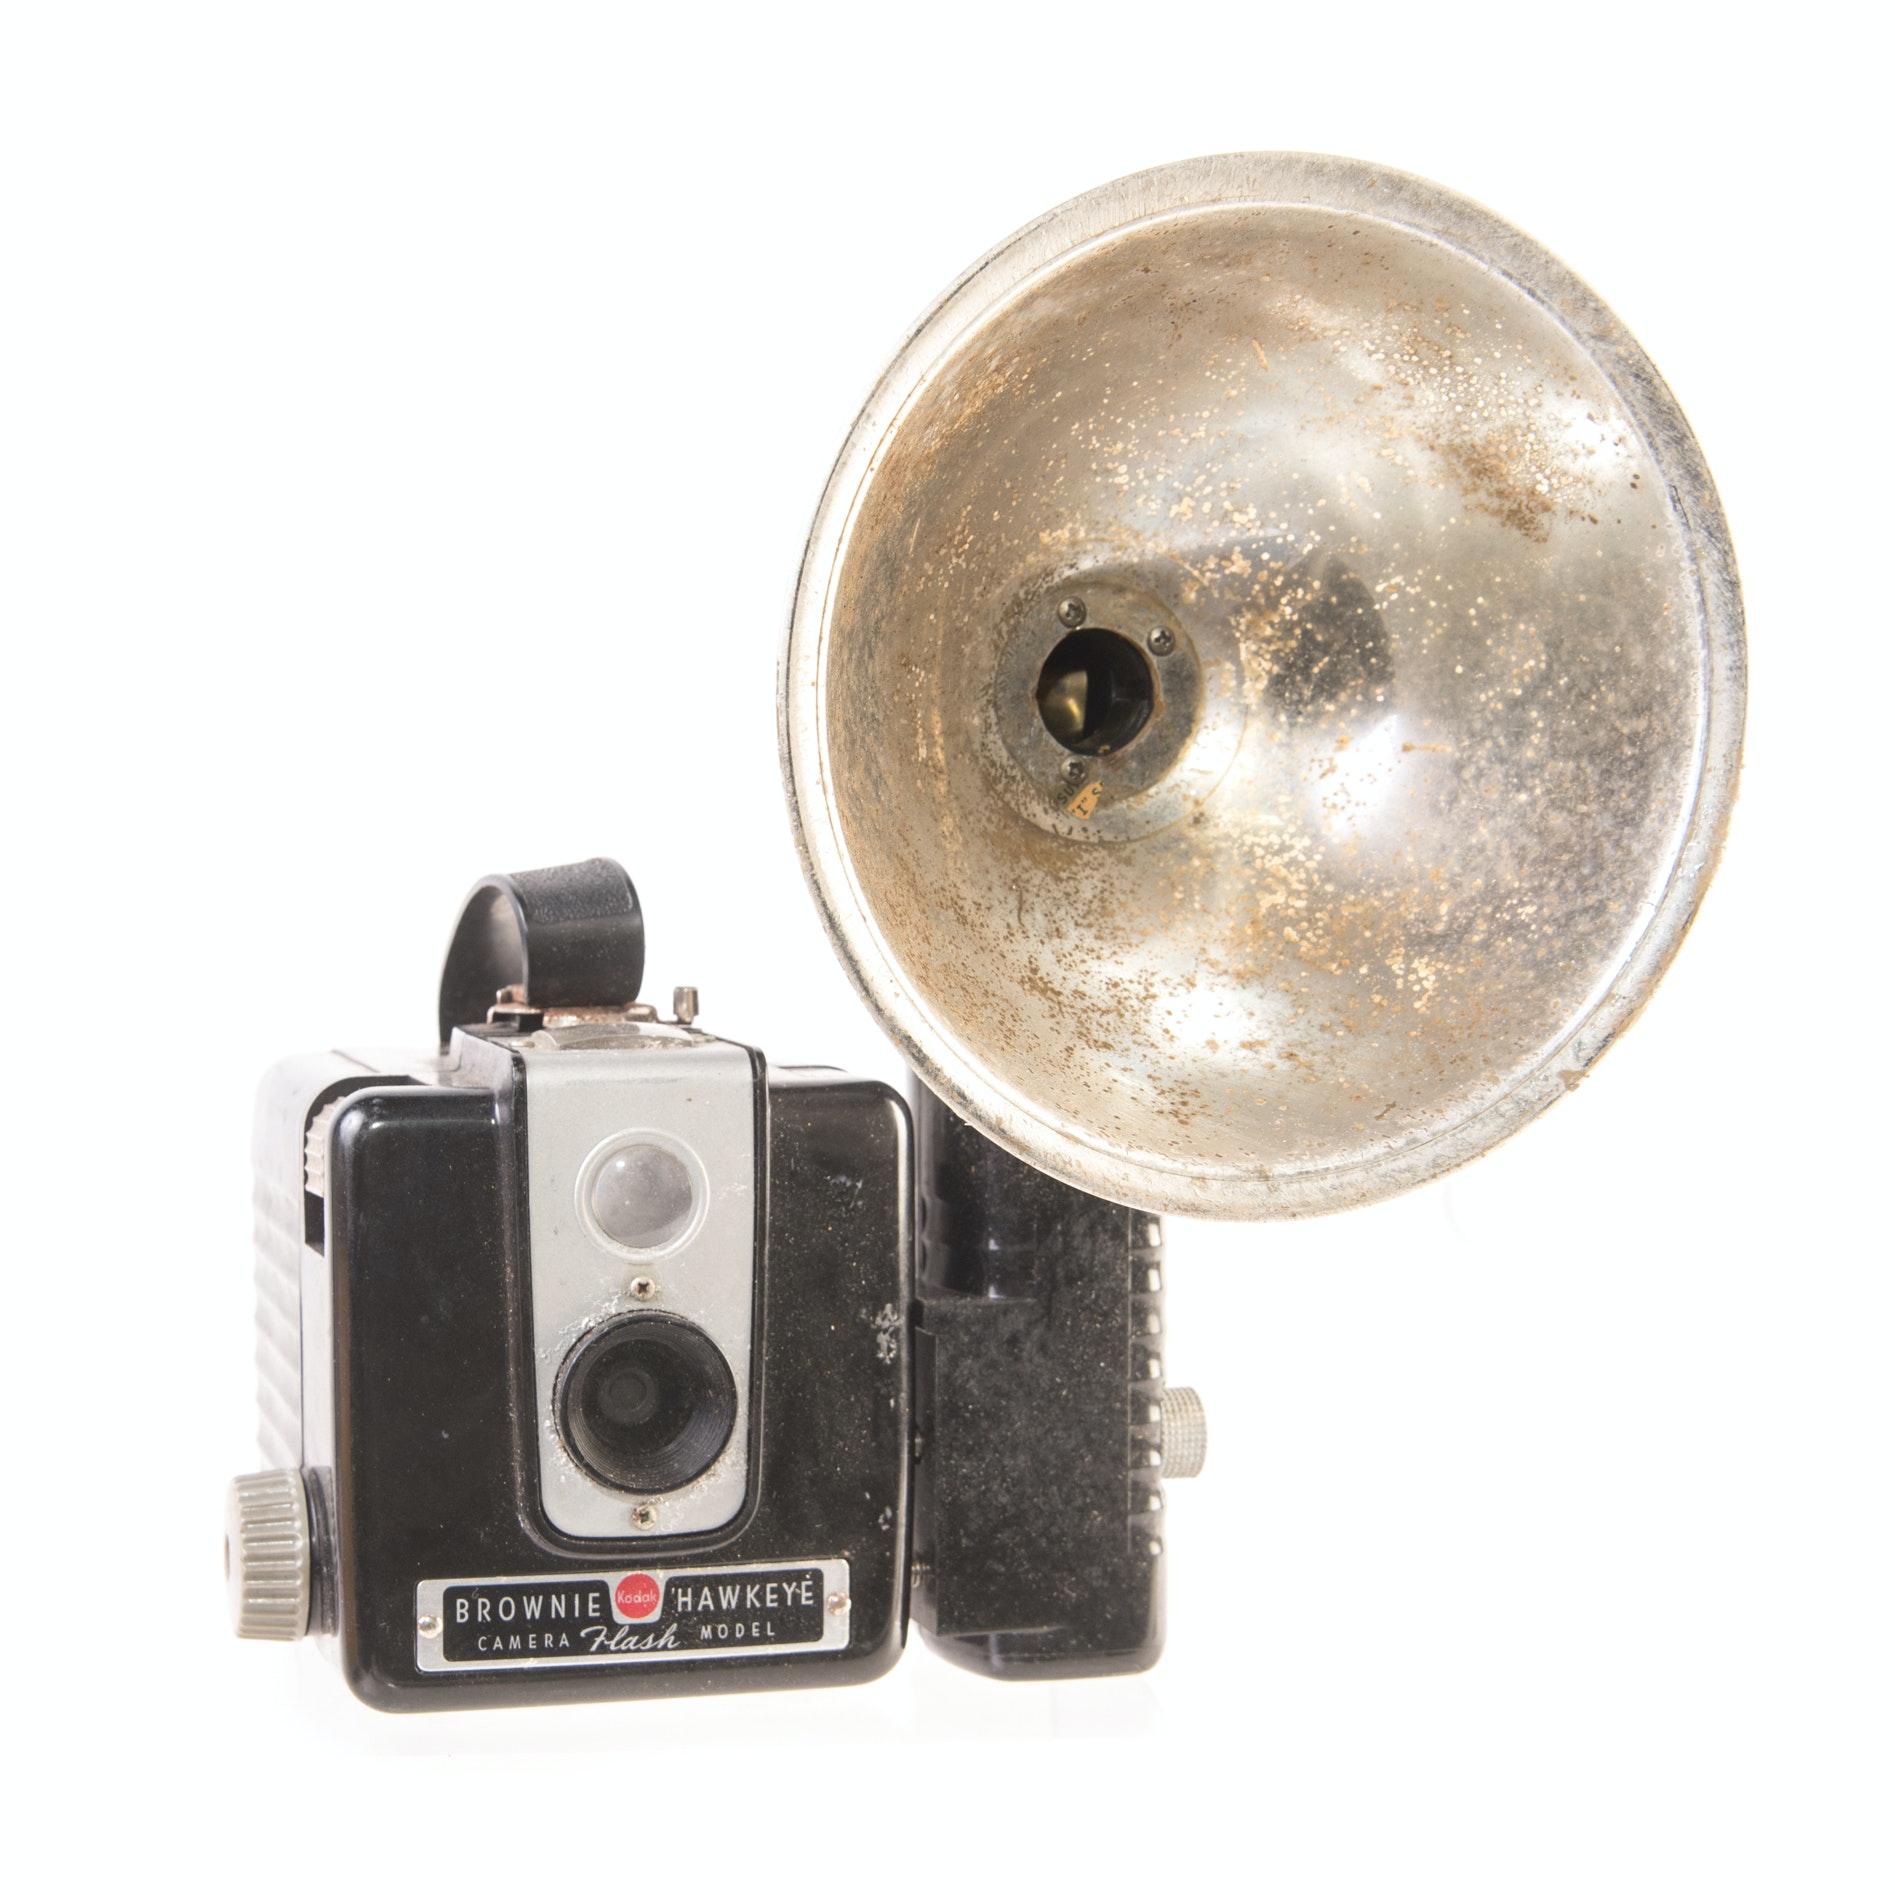 Vintage Brownie Camera with Flash